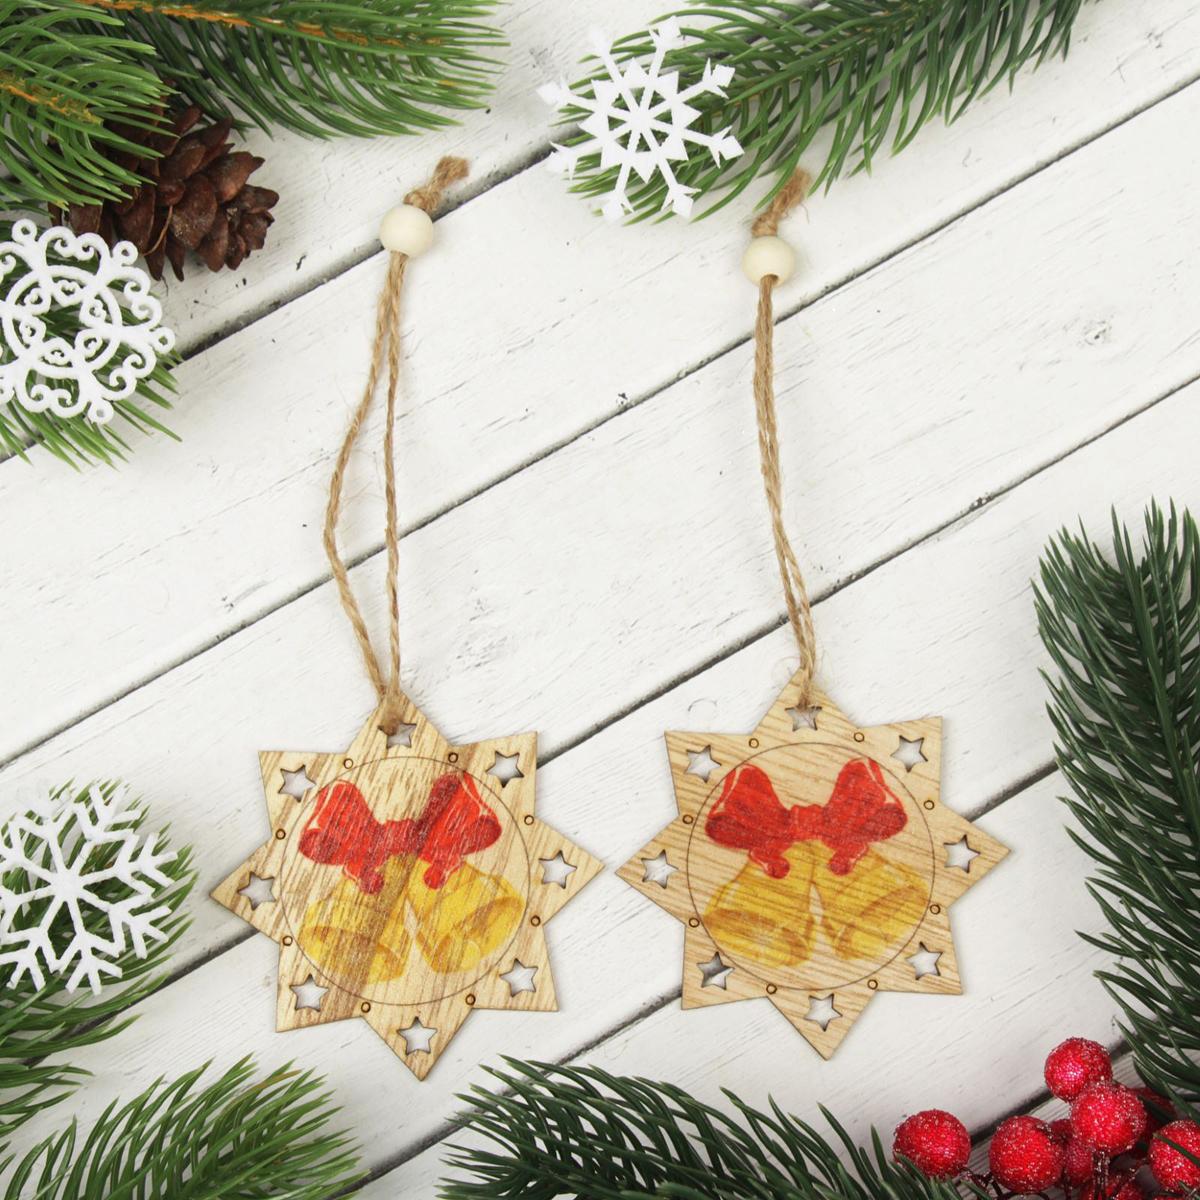 Украшение новогоднее подвесное Колокольчики, 2 шт2303273Набор новогодних подвесных украшений, выполненных из дерева, отлично подойдет для декорации вашего дома и новогодней ели. С помощью специальной петельки украшение можно повесить в любом понравившемся вам месте. Но, конечно, удачнее всего оно будет смотреться на праздничной елке.Елочная игрушка - символ Нового года. Она несет в себе волшебство и красоту праздника. Такое украшение создаст в вашем доме атмосферу праздника, веселья и радости.В комплекте 2 украшения.